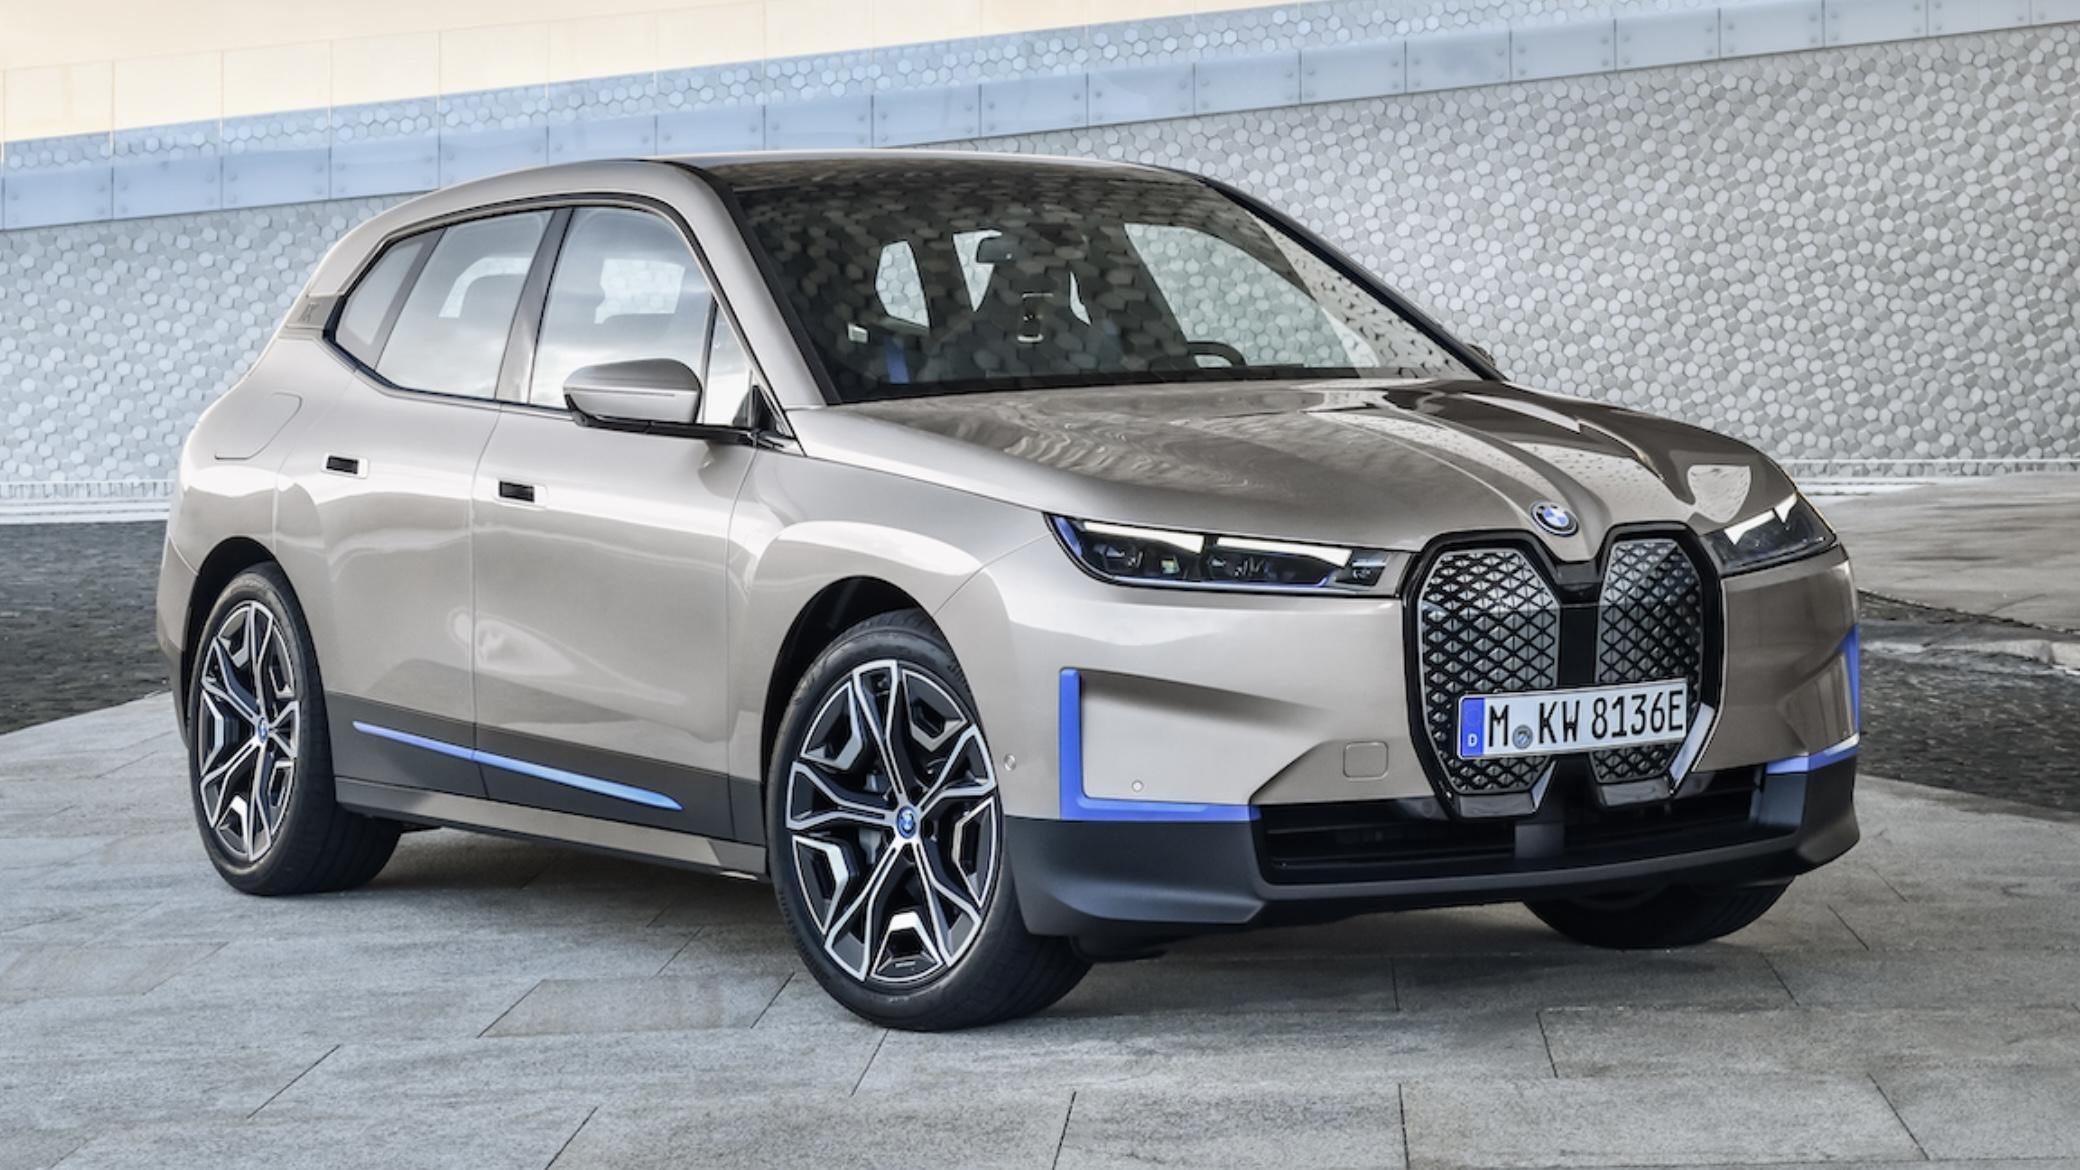 BMW lève le voile sur la iX, son nouveau cross over électrique